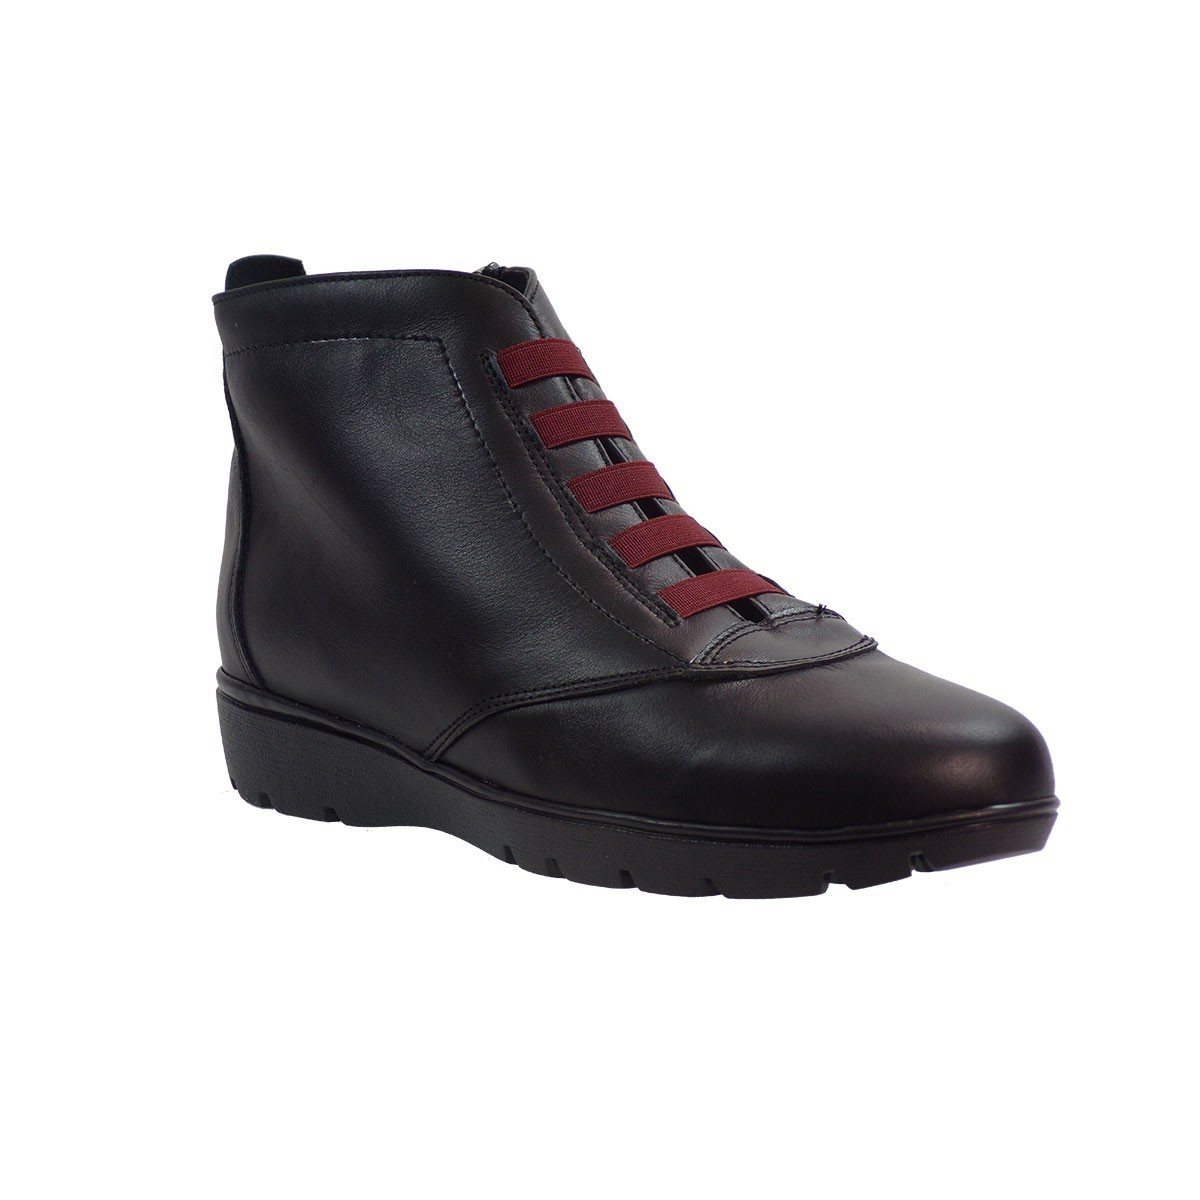 Πετρετζίκης Shoes Γυναικεία Παπούτσια Μποτάκια 67 Μαύρο